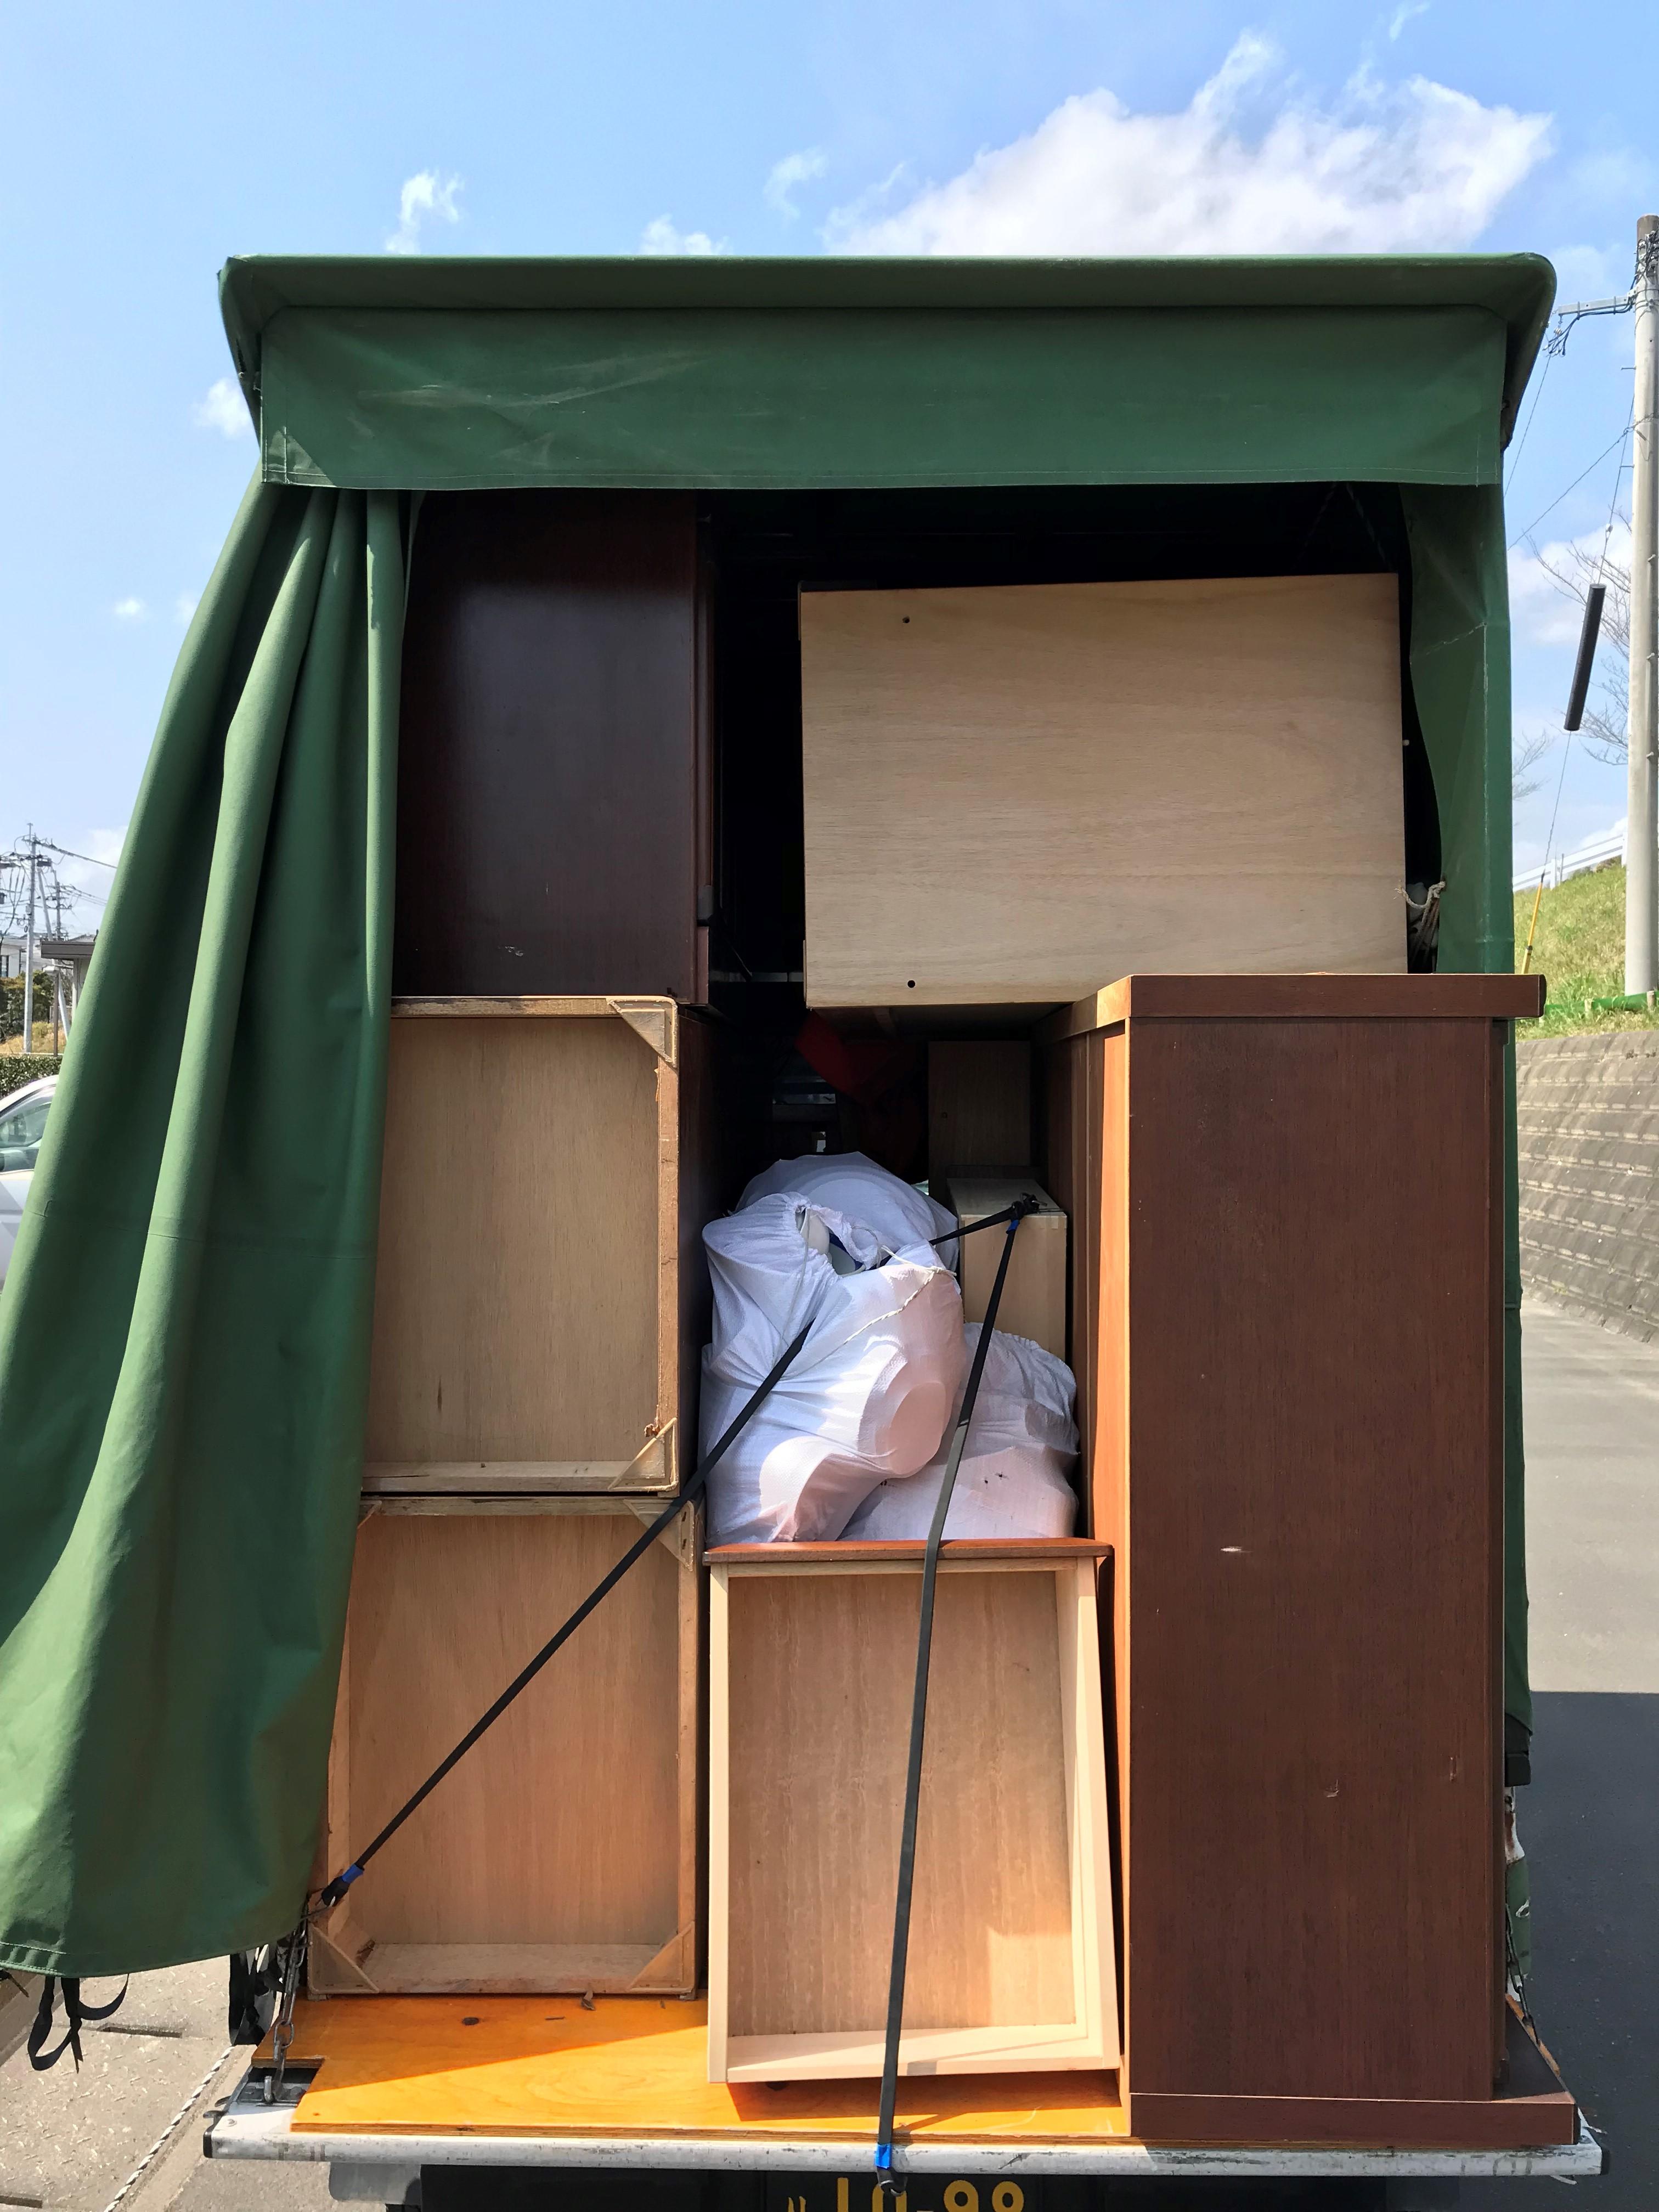 宮崎市佐土原町下田島で家財一式処分とエアコン取り外し 施工事例紹介